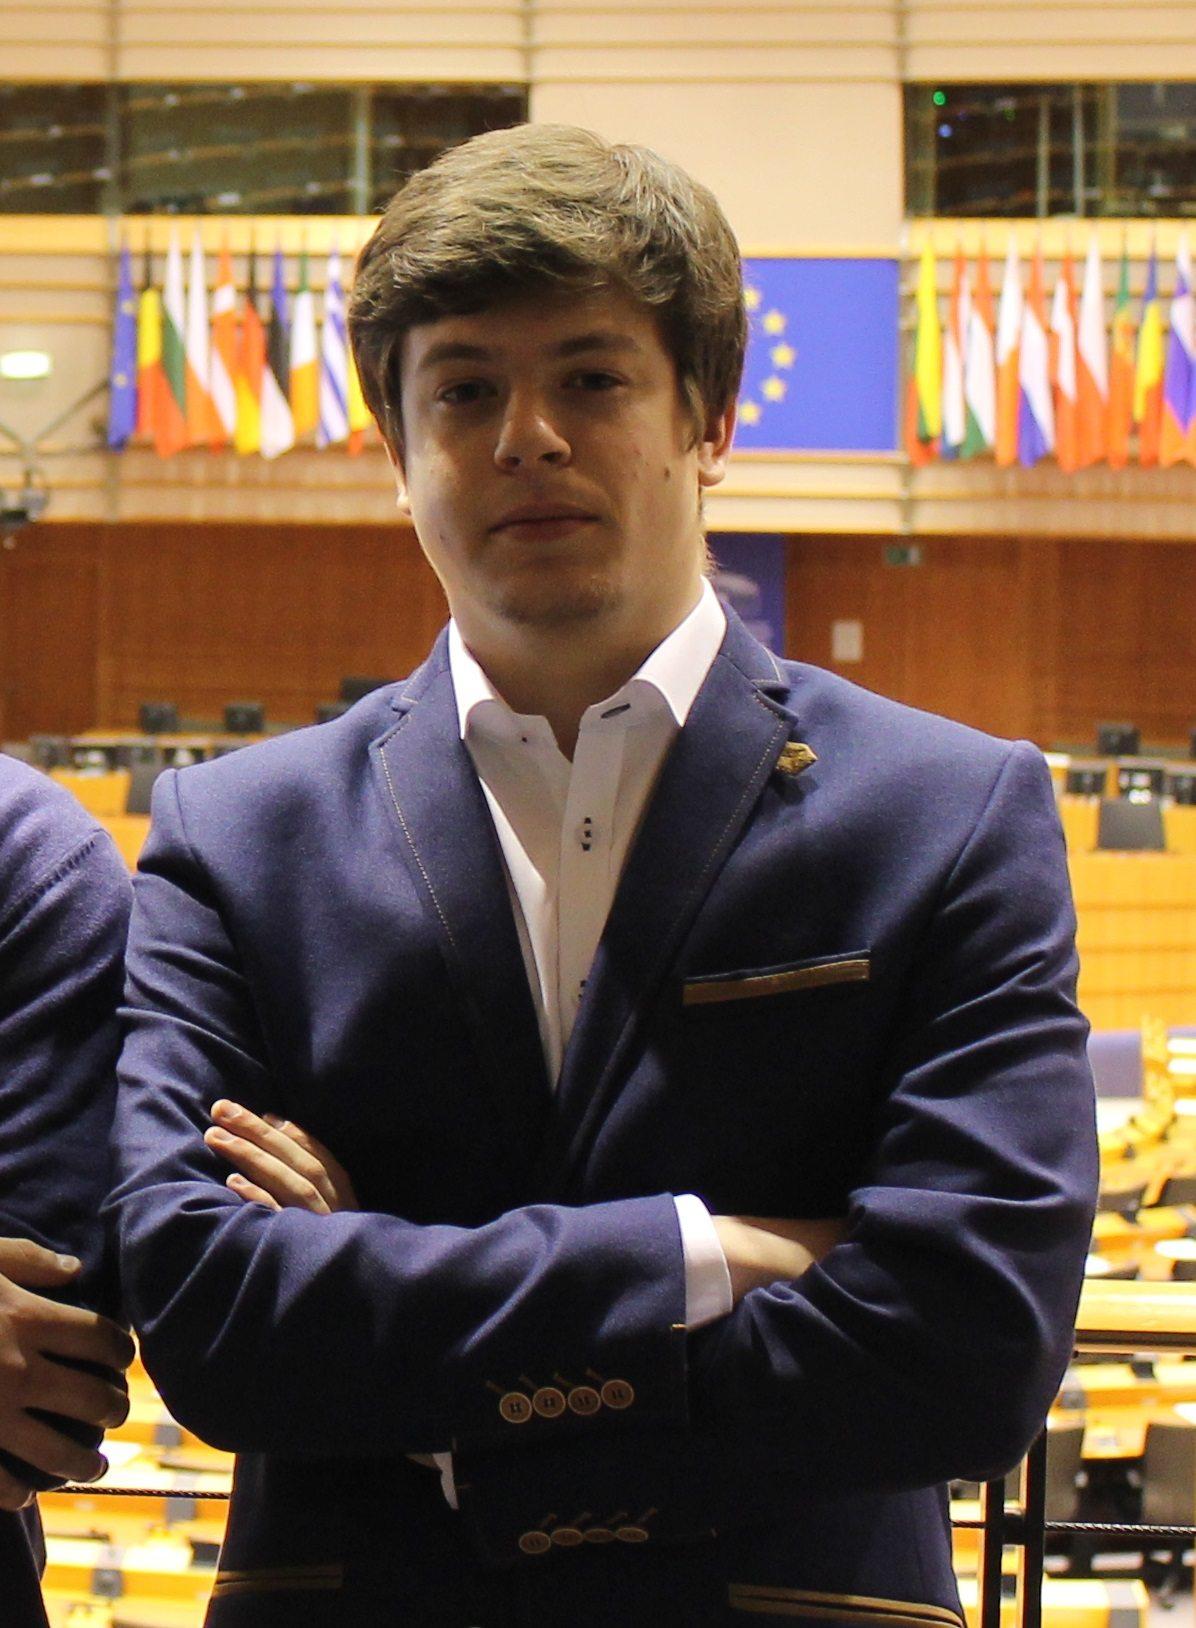 Jakub Kopa